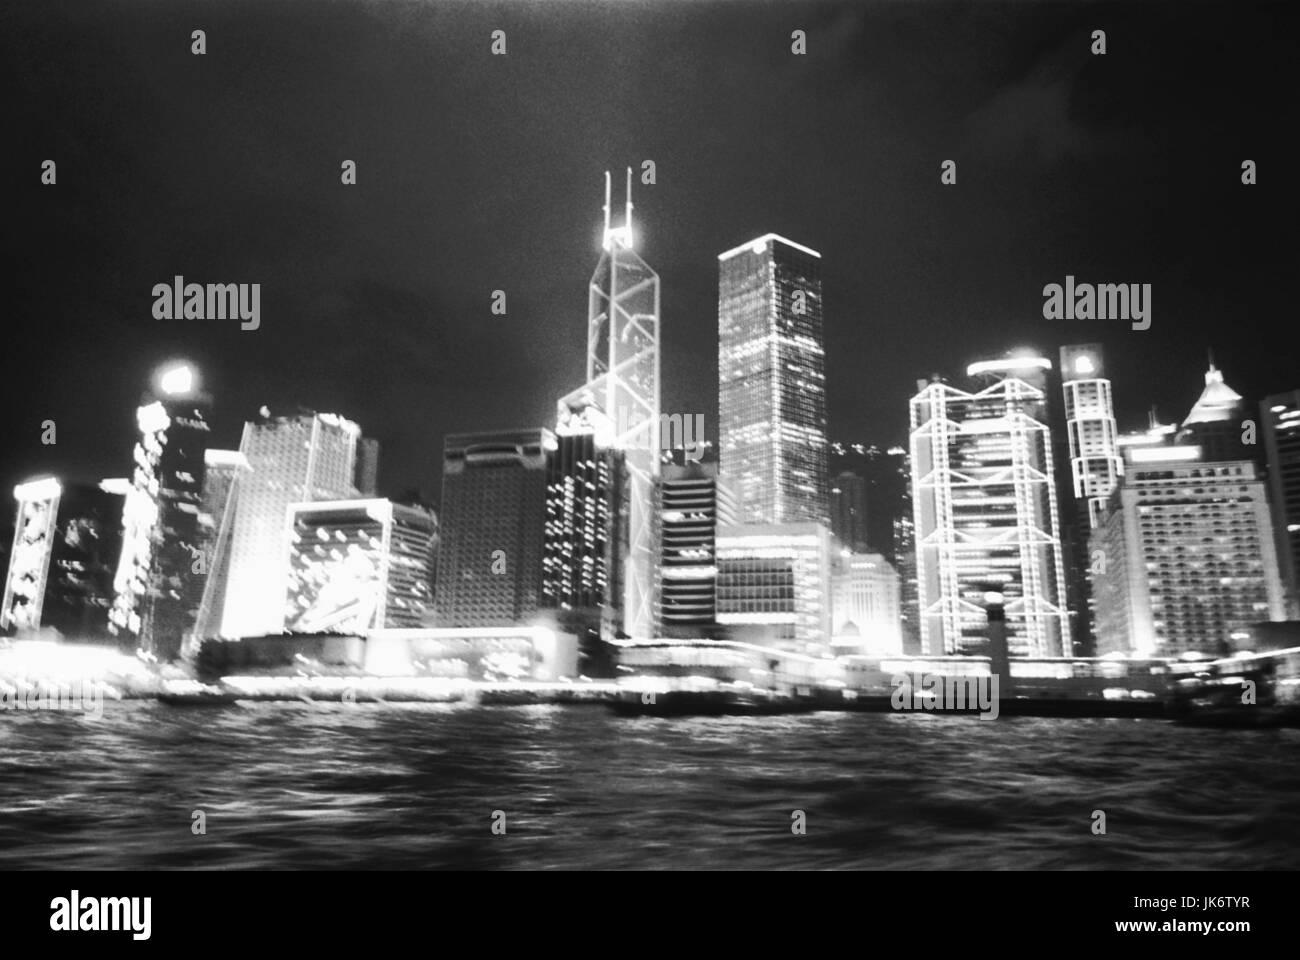 China, Hongkong, Stadtansicht, Skyline,  Nacht, s/w  außen, Asien, Ost-Asien, Hong Kong, Xianggang, Hsiangkang, - Stock Image